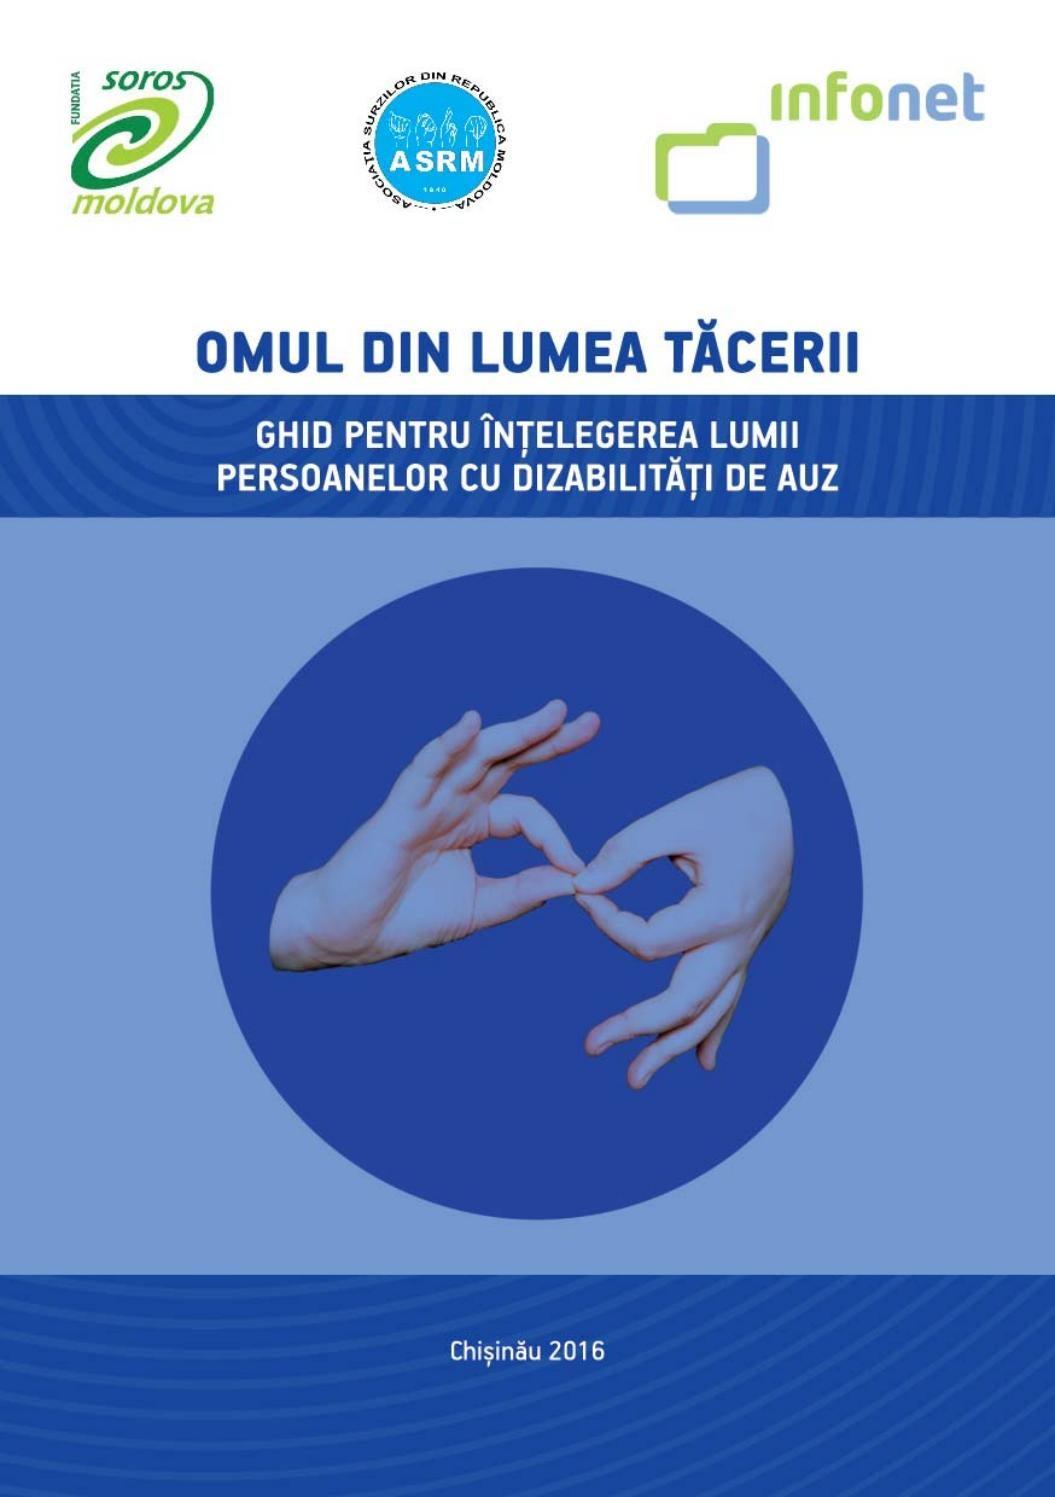 Metode de reabilitare socială a persoanelor cu deficiențe de vedere